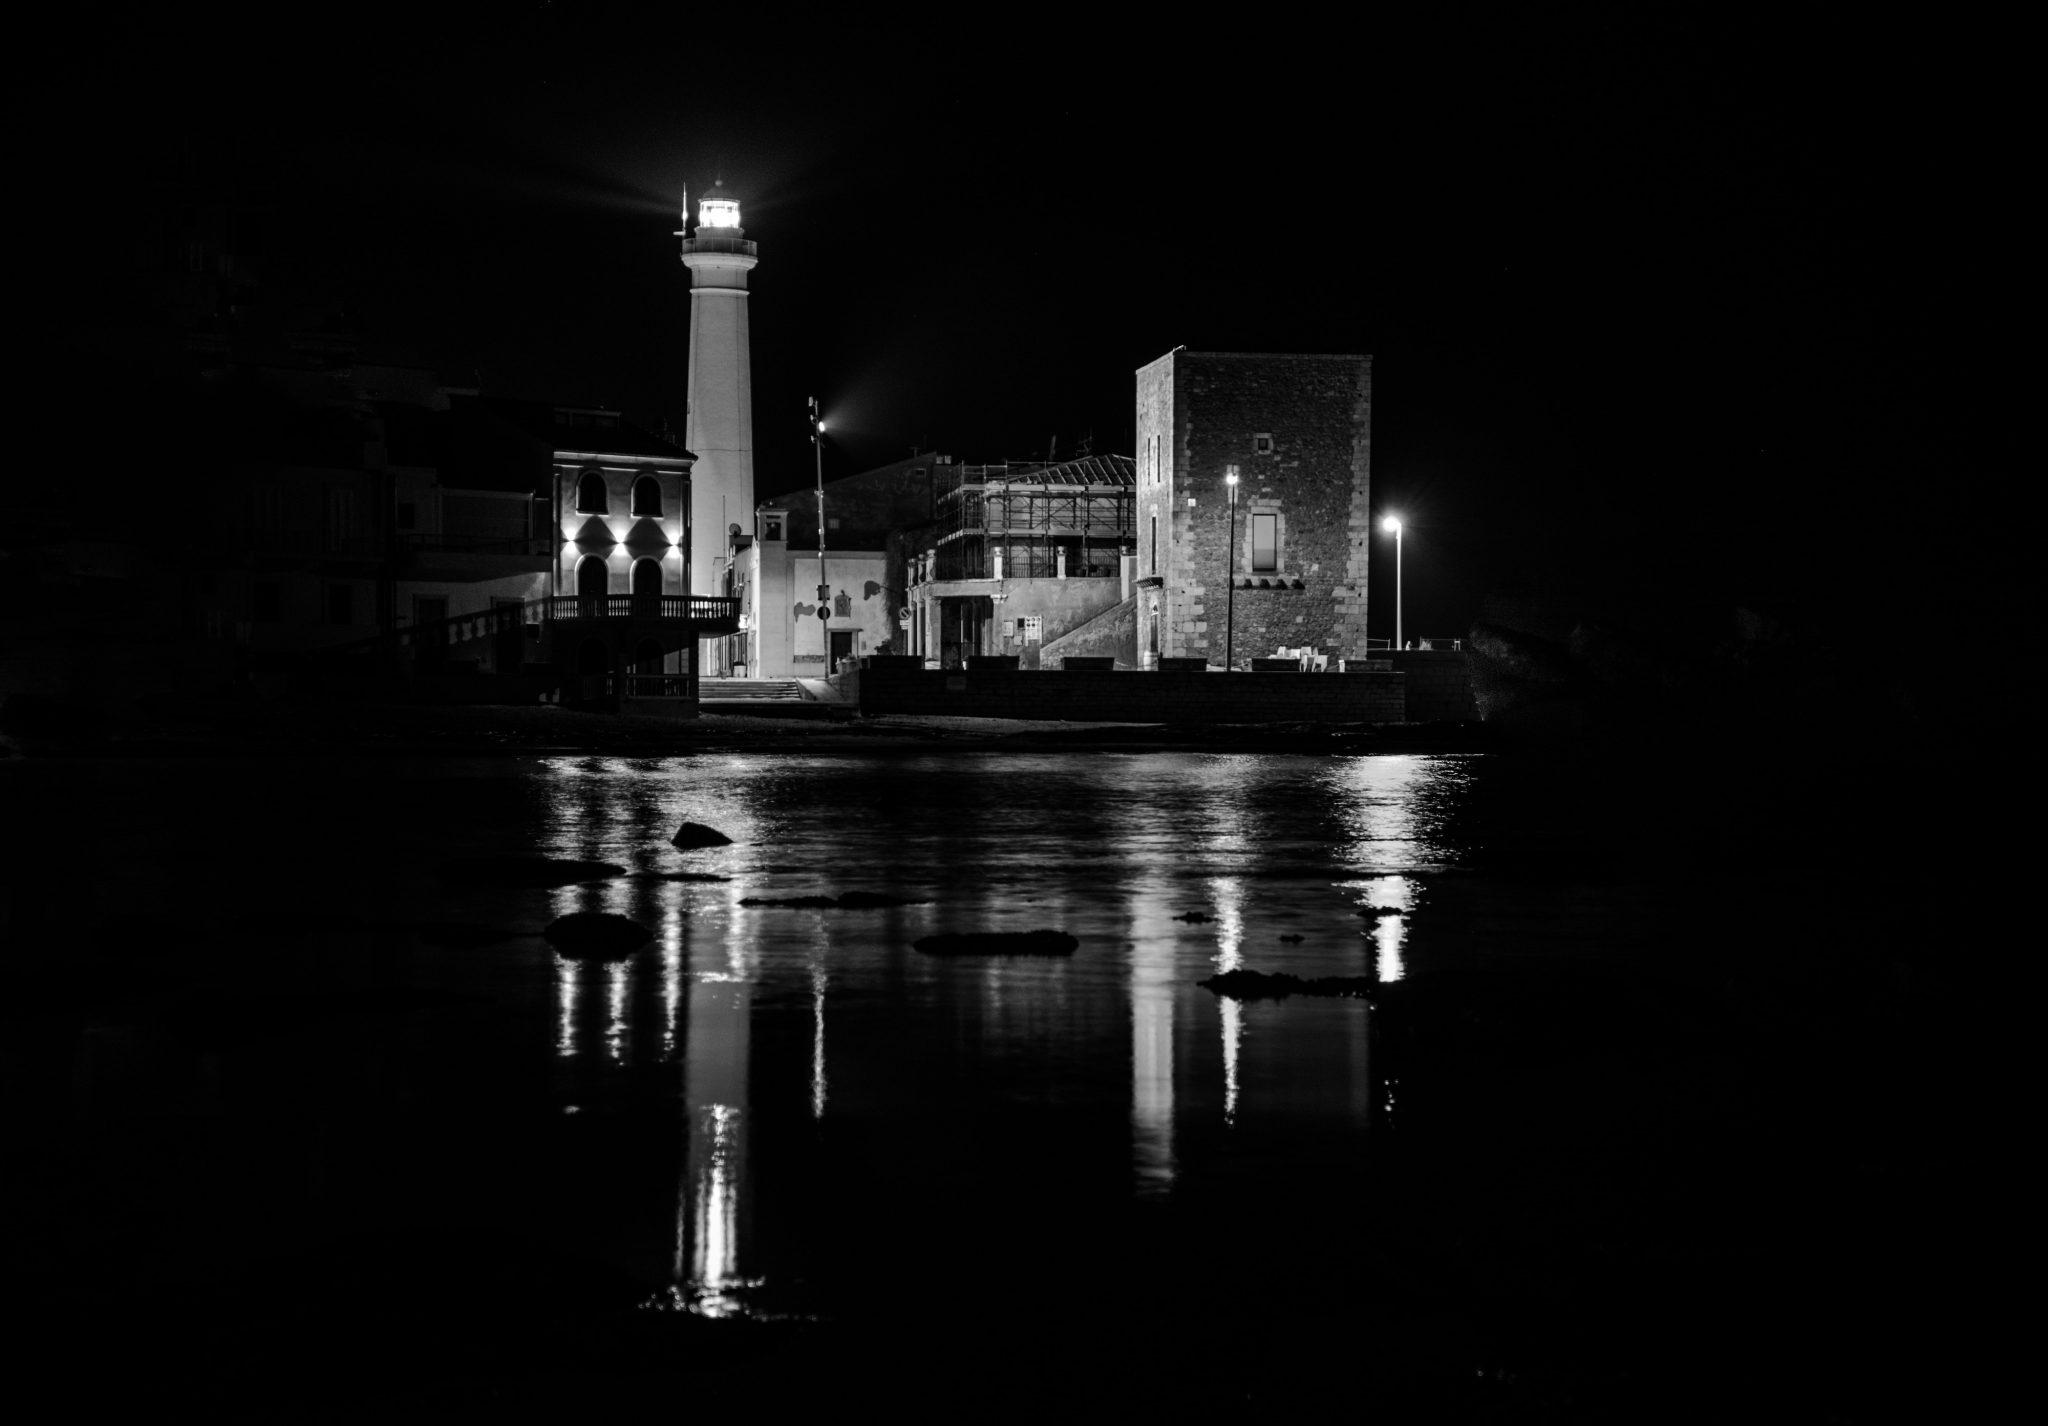 punta secca by night